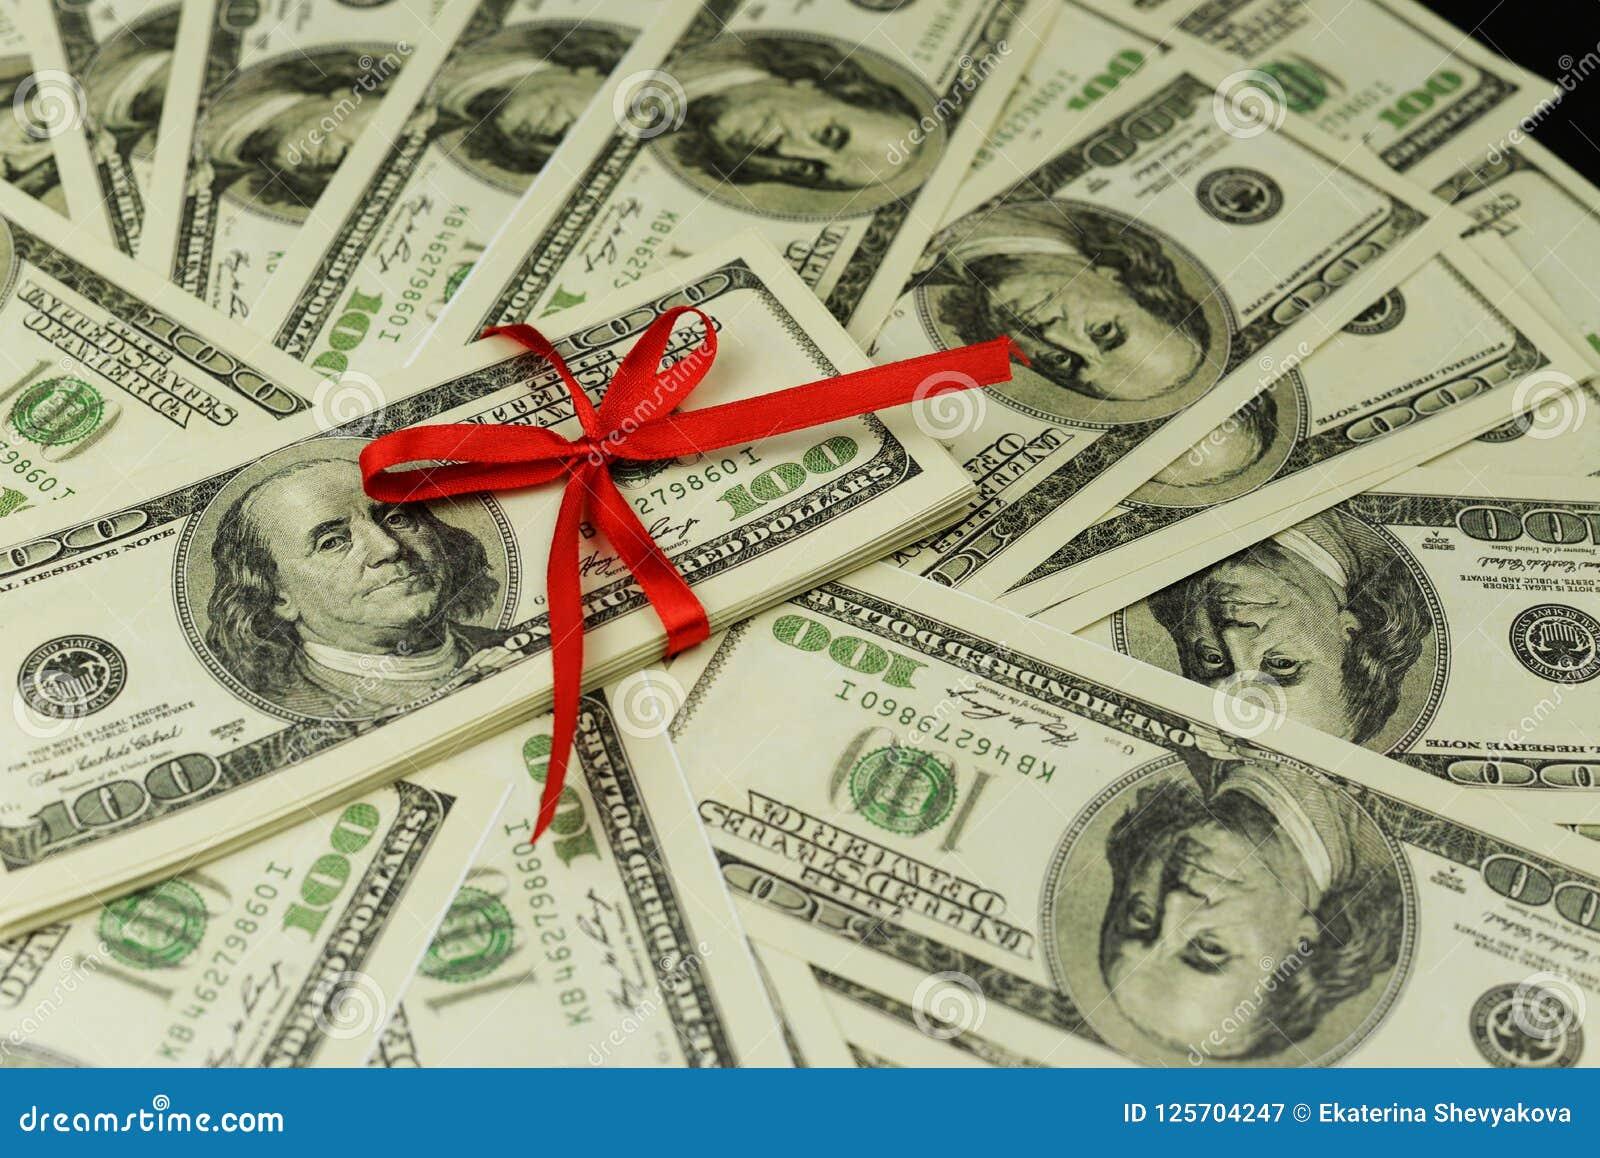 金钱现金很多钞票背景